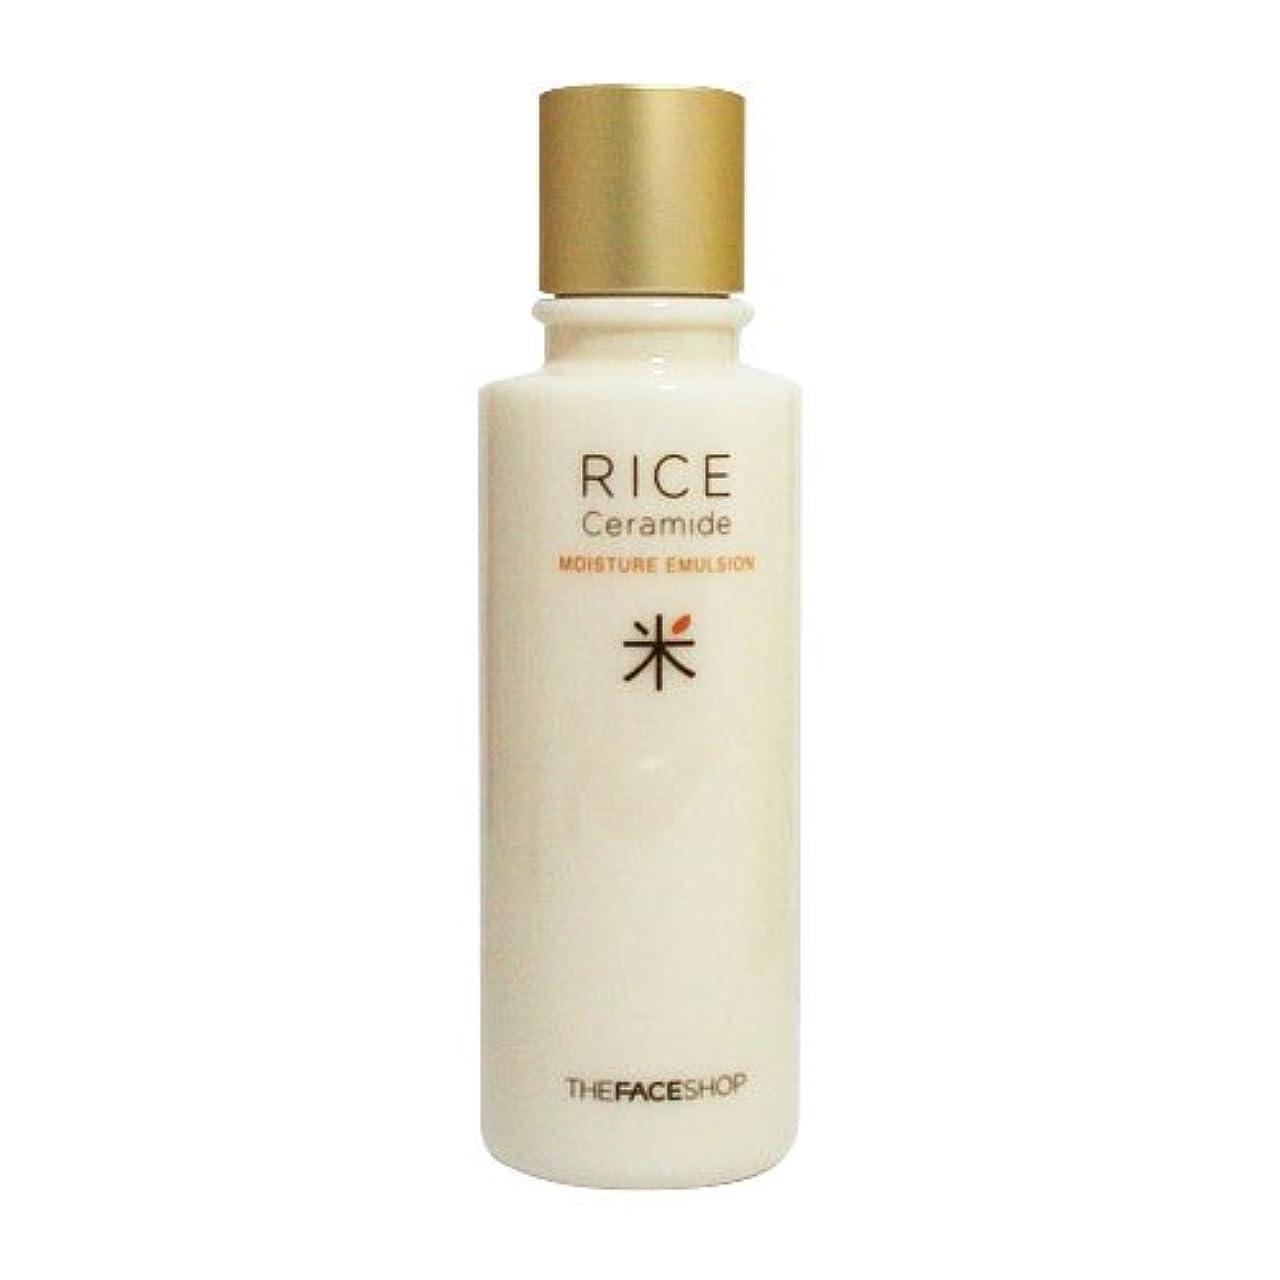 有限百年かすれた[ザ?フェイスショップ] The Face Shop ライス&セラミド モイスチャーエマルジョン Rice & Ceramide Moisture Emulsion [並行輸入品]